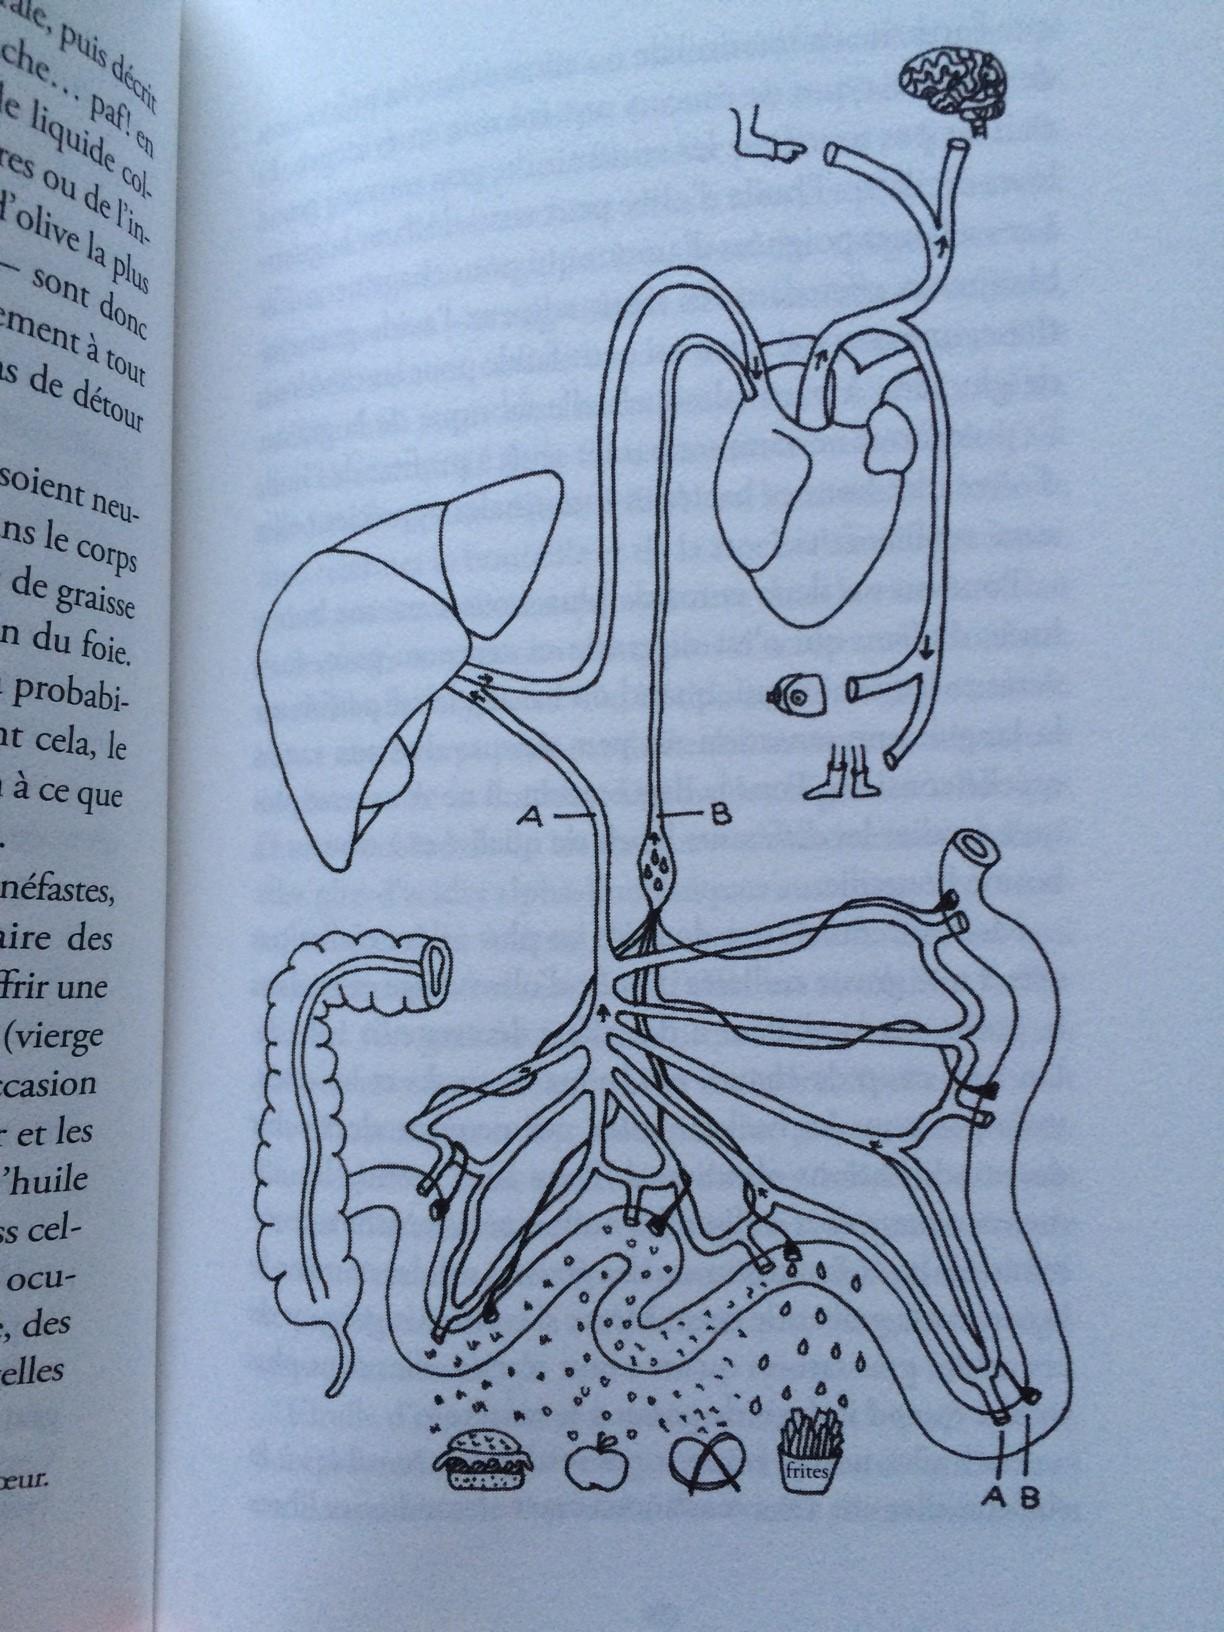 le ventre second cerveau